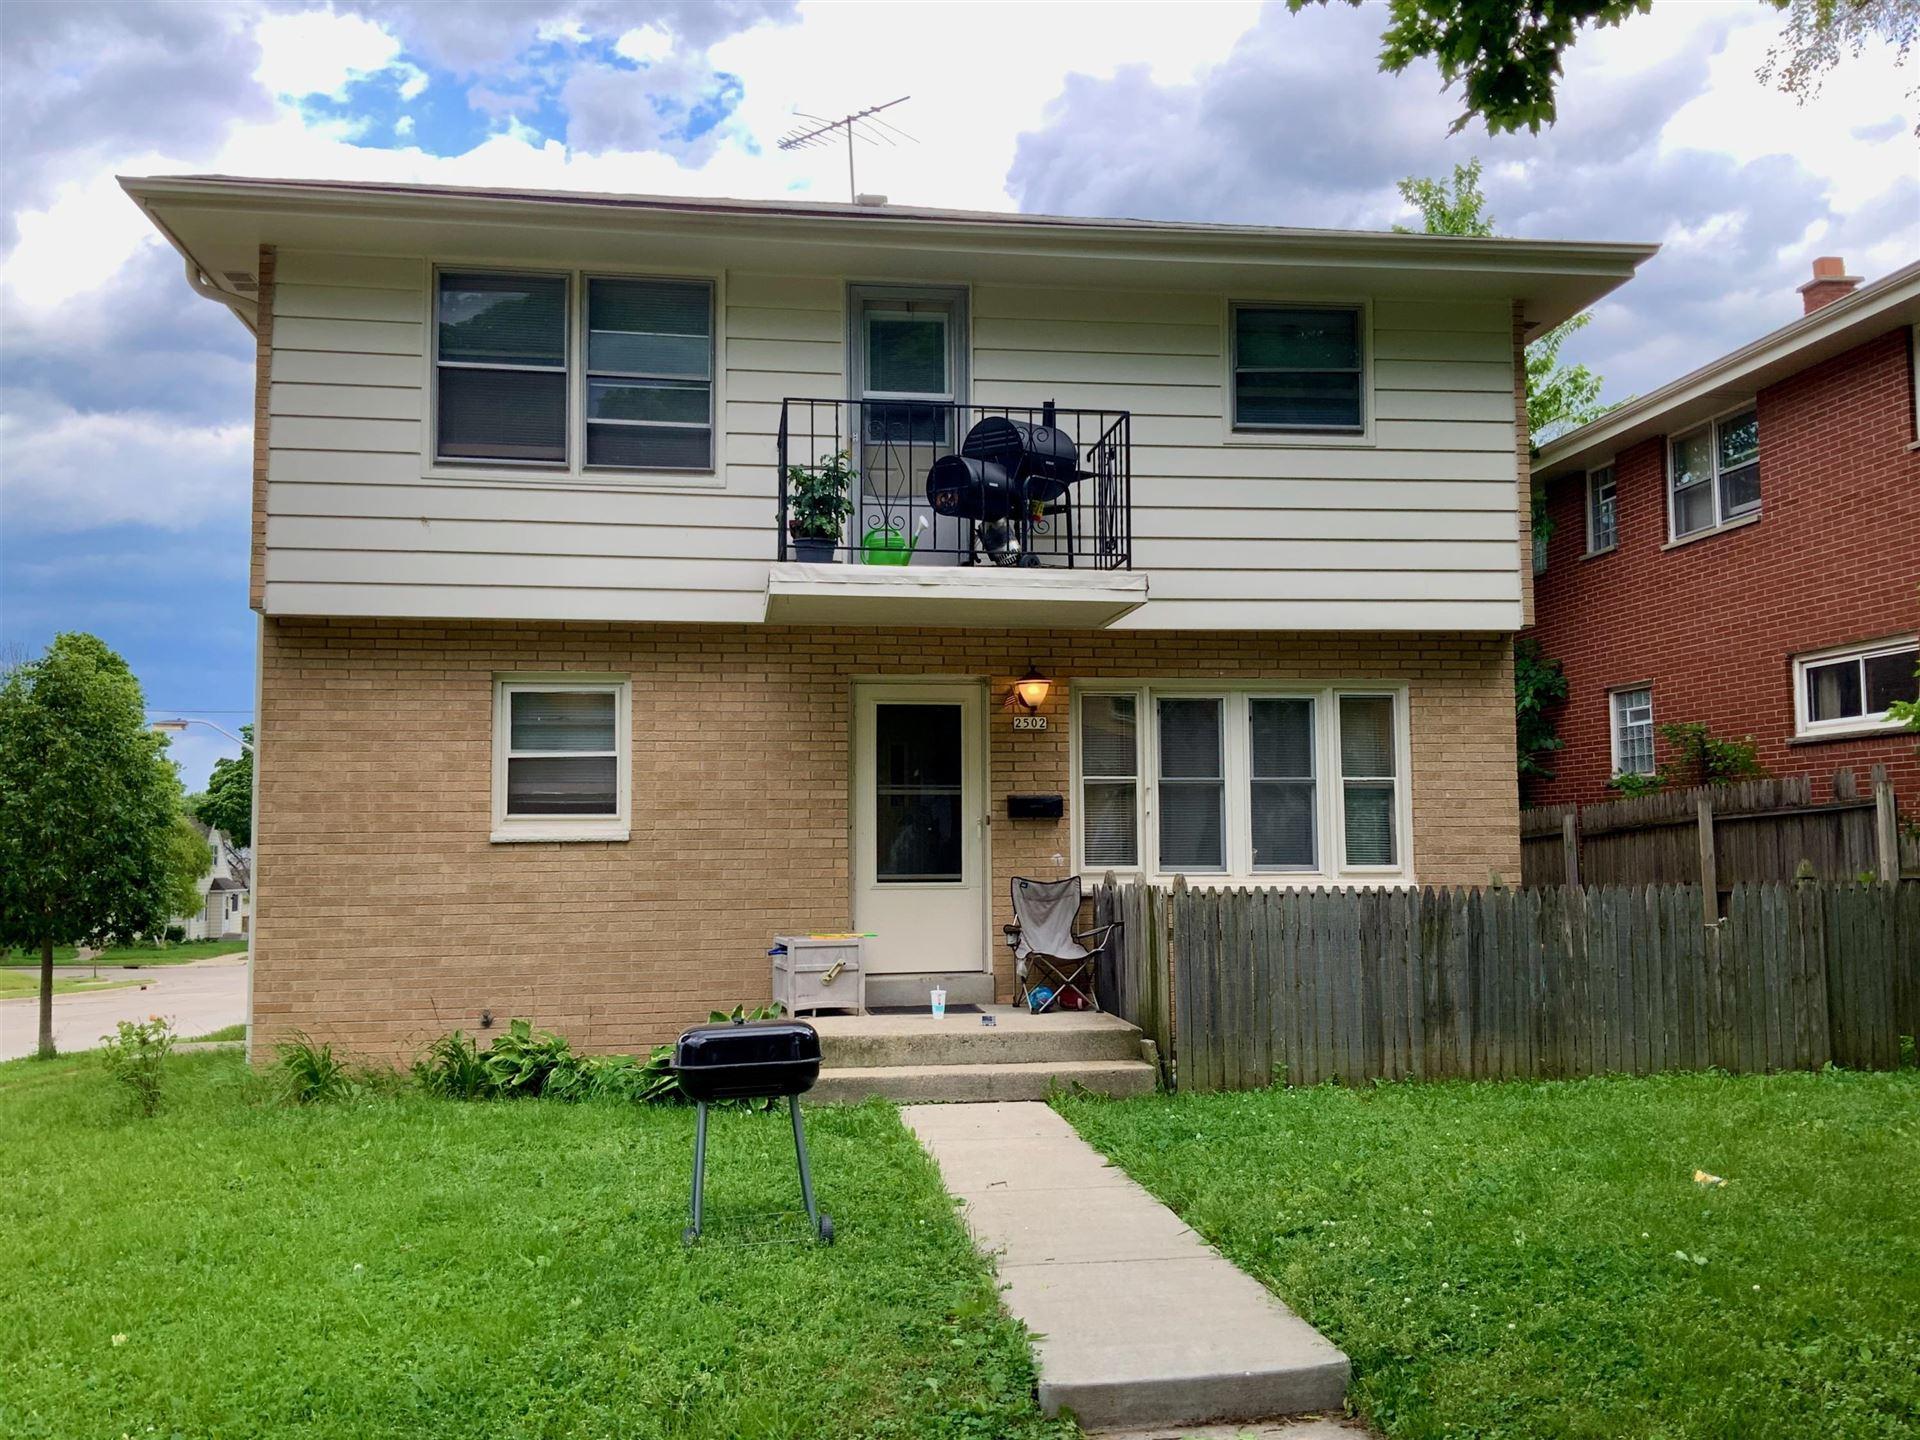 6919 W Arthur Ave, West Allis, WI 53219 - #: 1693668